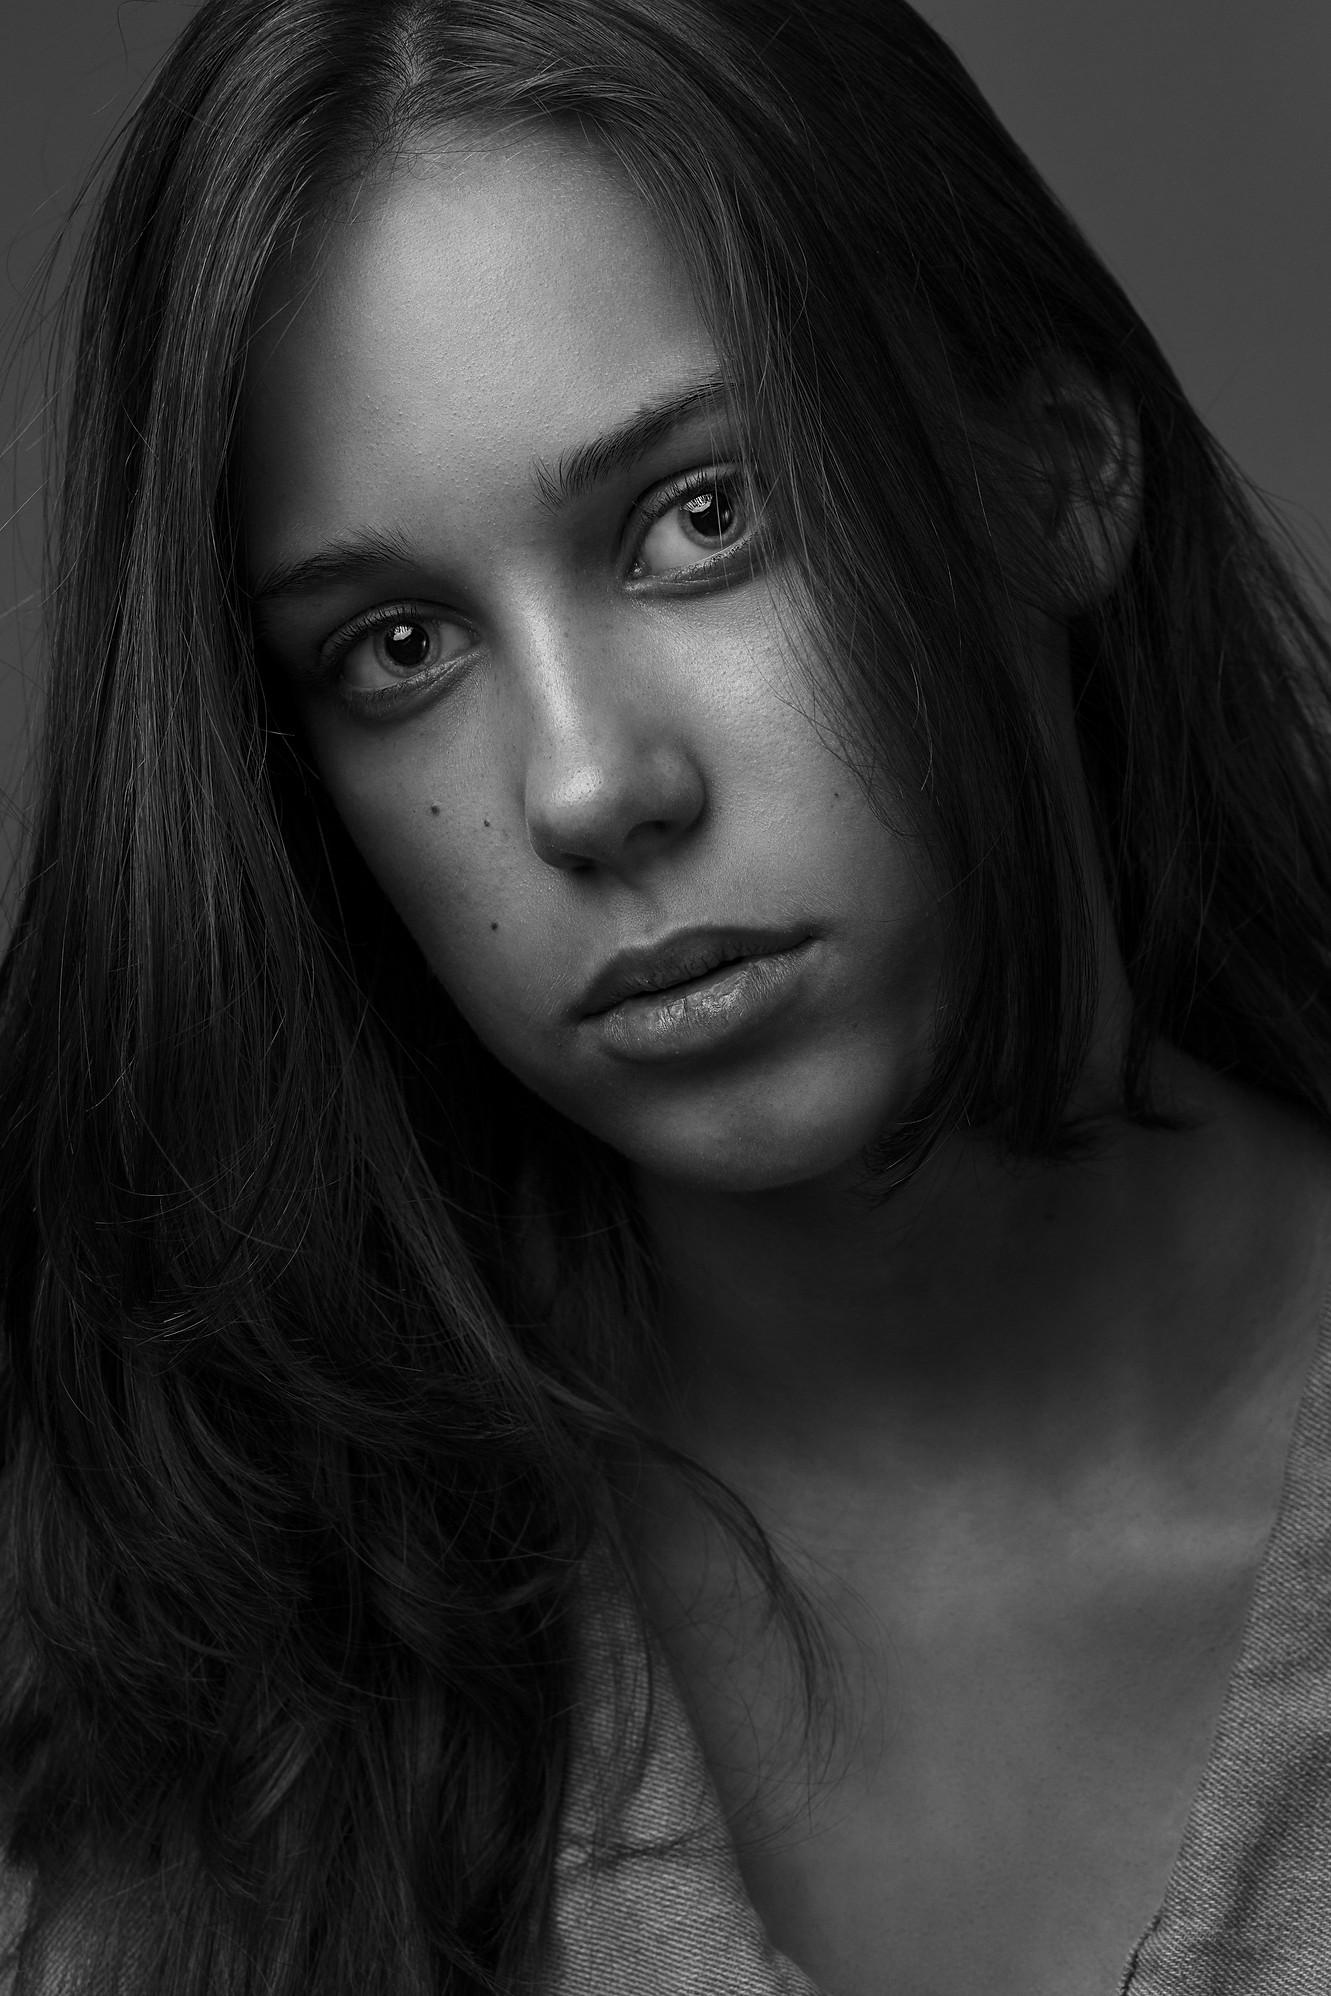 Fototestas | fotosesija Modus Vivendi fotostudijoje |Kaunas| Modelio fototestas | |Fotesesija| Fototestas | portretai | portretas